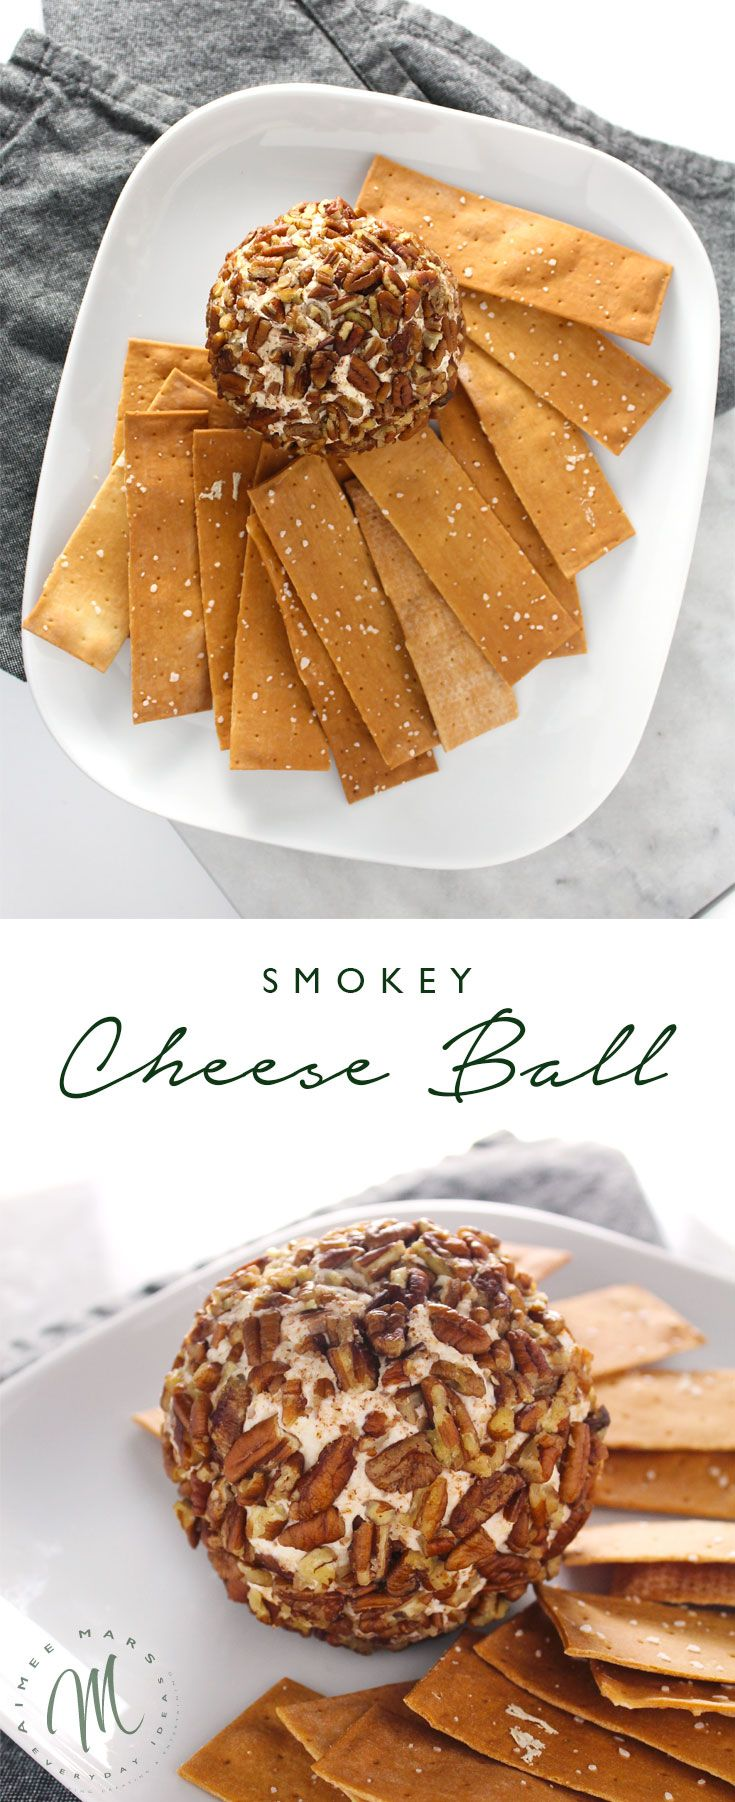 smokey-cheese-ball-pin-retake